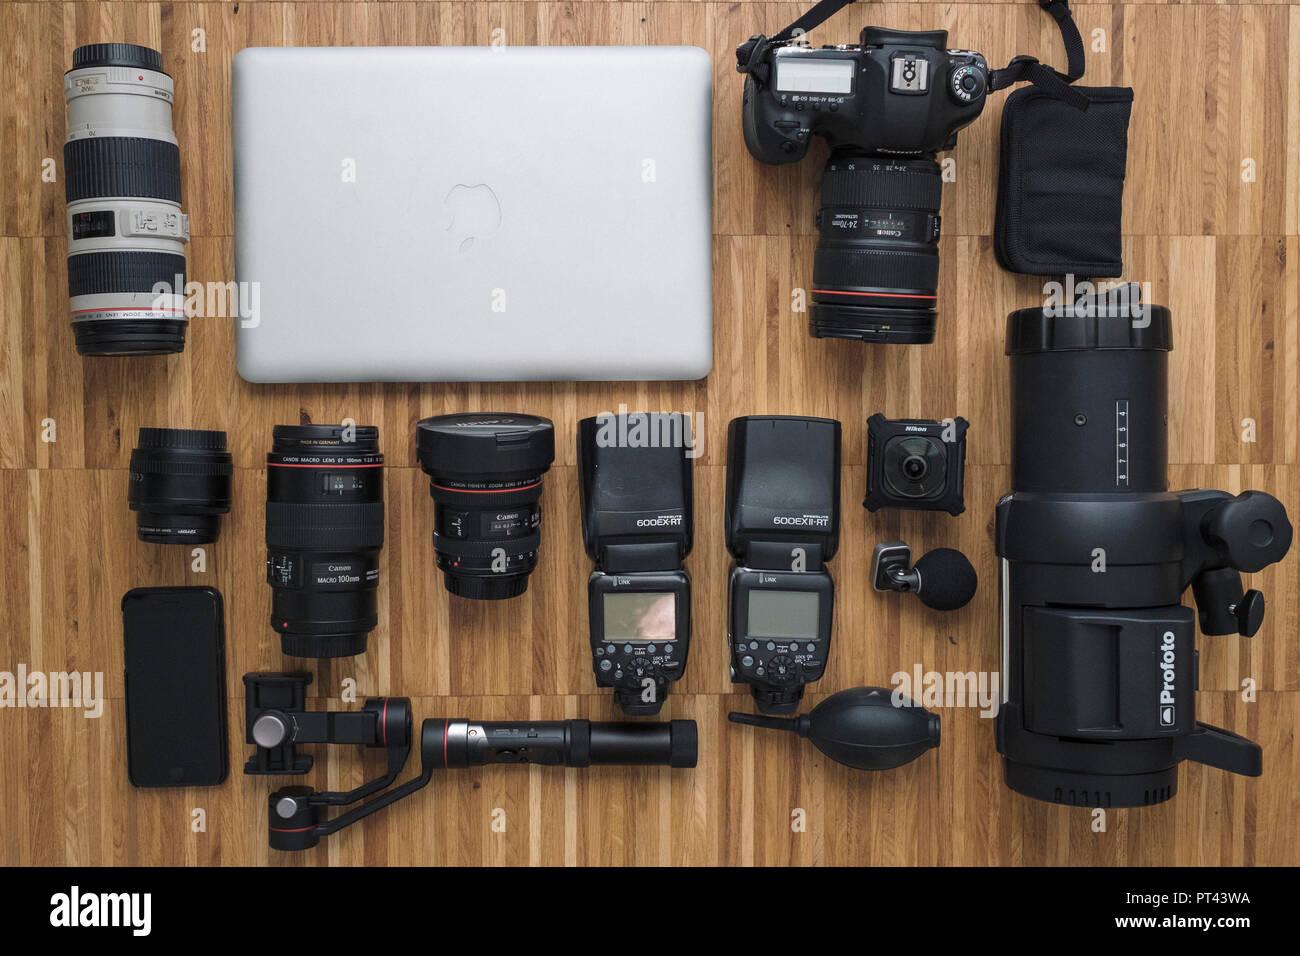 Foto simbolico, fotocamera borsa, contenuto, attrezzature, accessori Immagini Stock